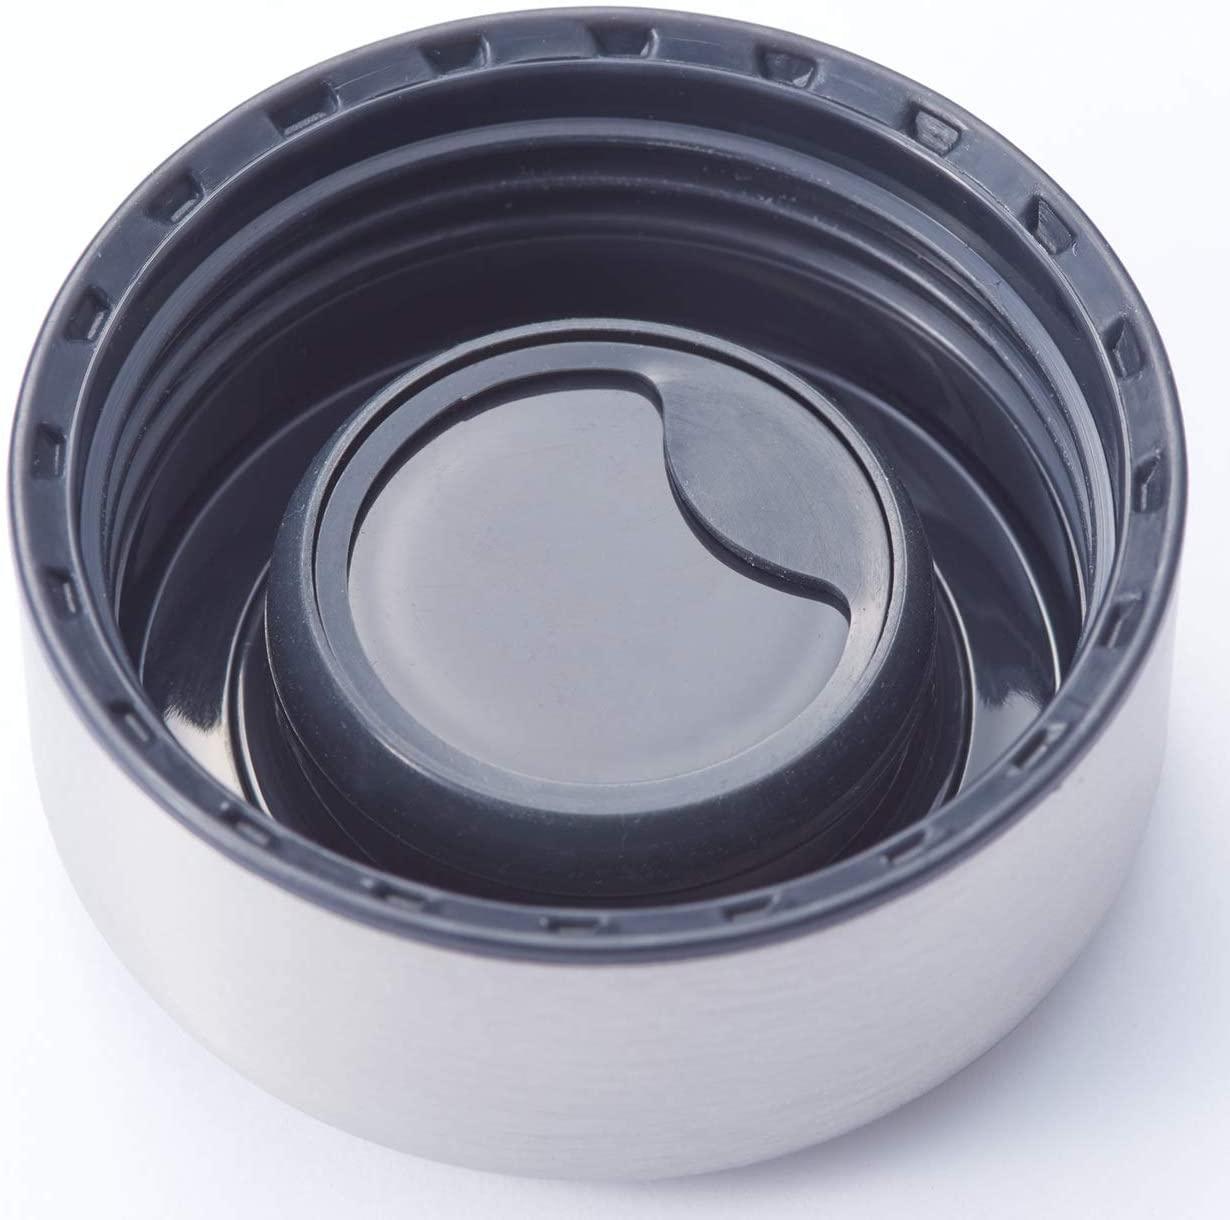 無印良品(MUJI) ステンレス保温保冷マグ 500ml シルバーの商品画像5